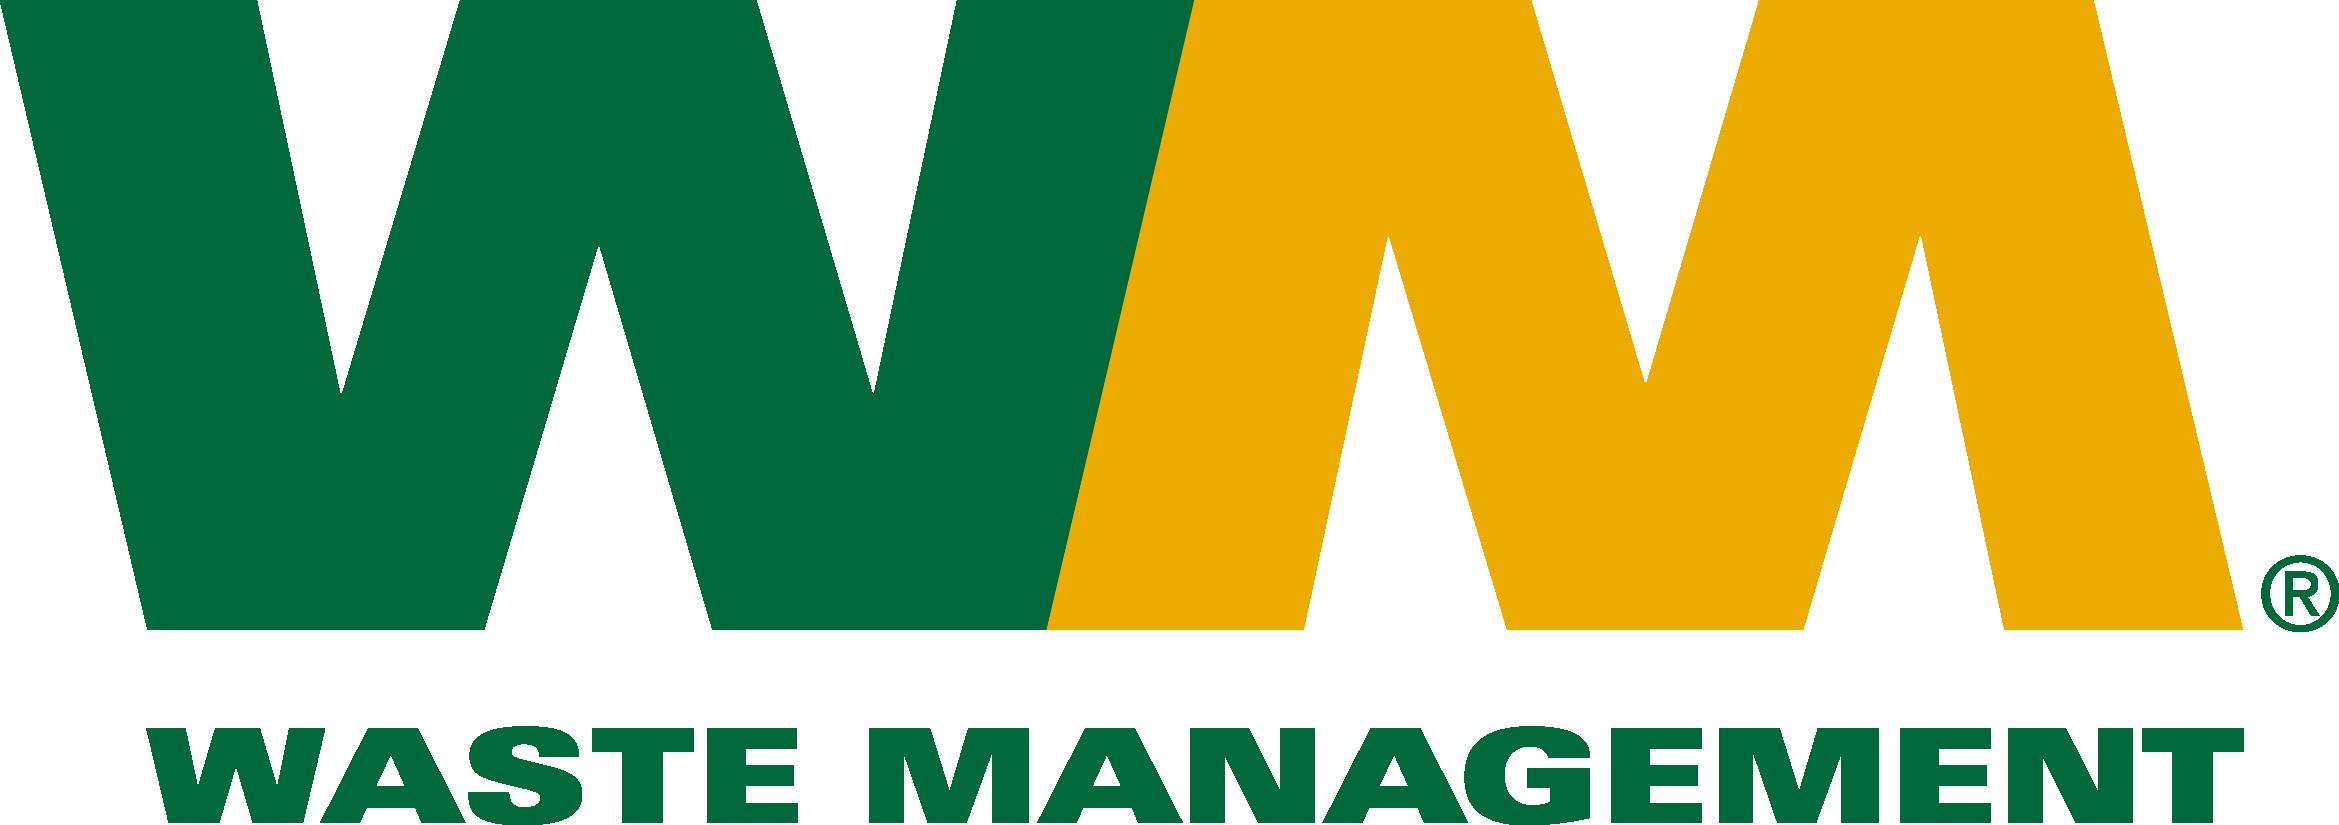 Waste Management logo.png